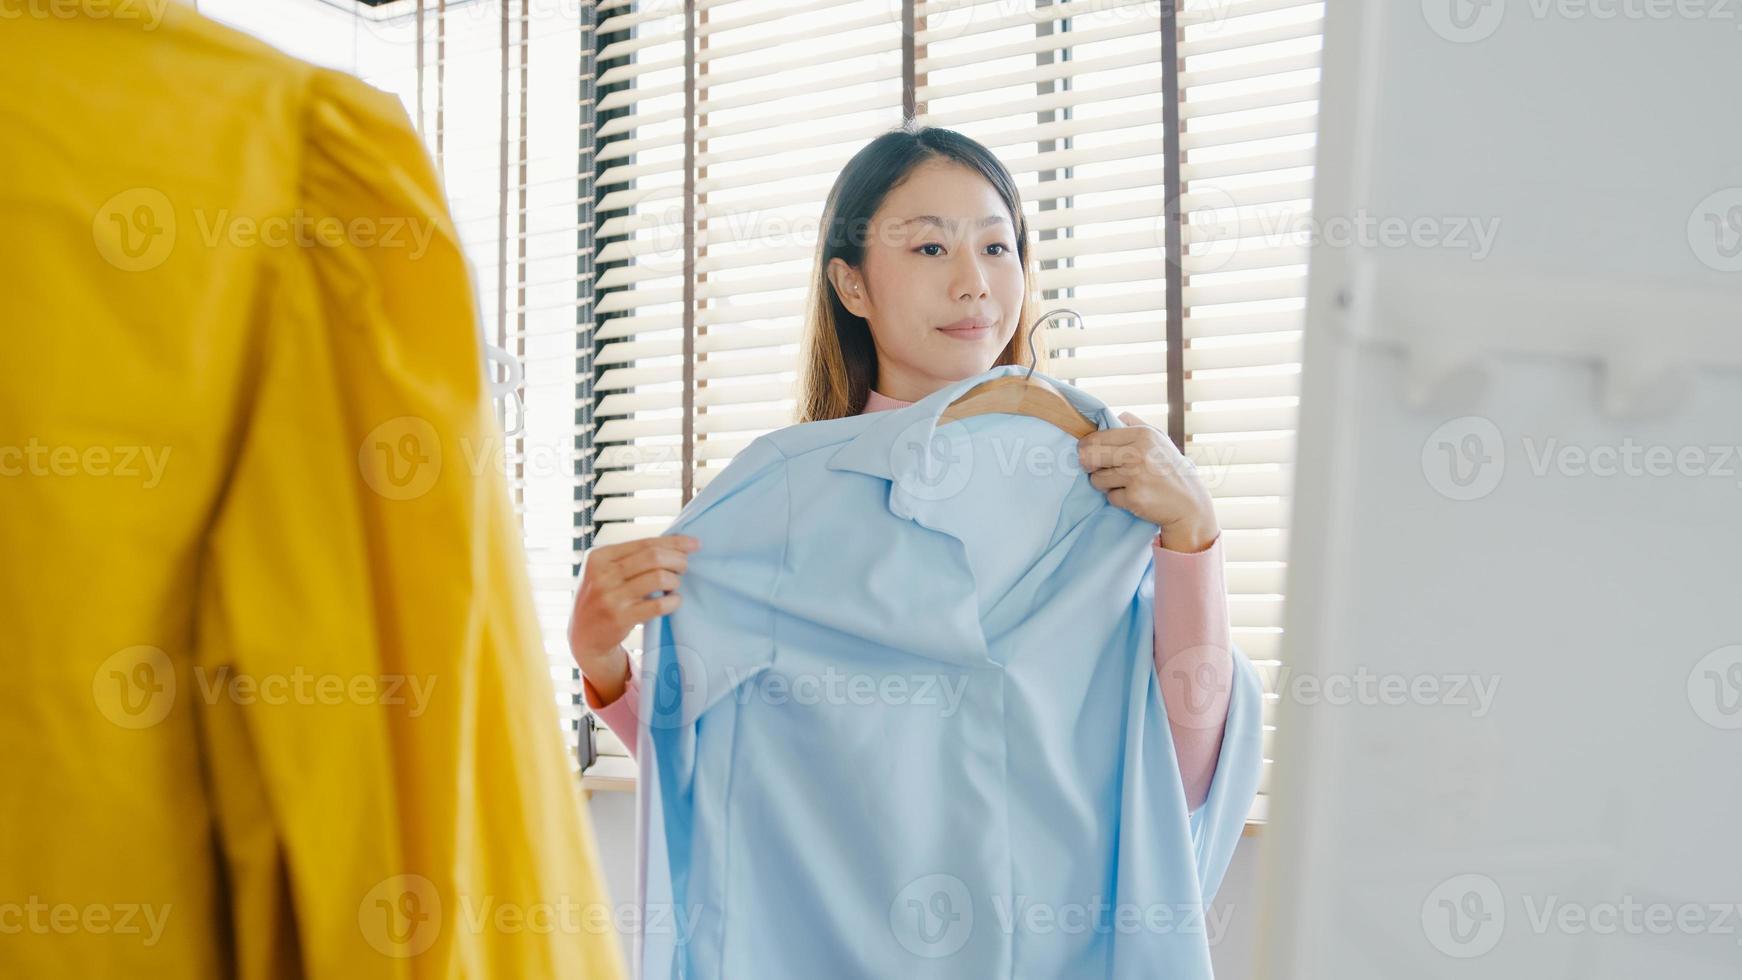 Schöne attraktive asiatische Dame, die Kleidung auf Kleiderständer auswählt, die sich im Spiegel im Schlafzimmer im Haus anzieht. Mädchen denken, was lässiges Hemd zu tragen. Lifestyle-Frauen entspannen sich zu Hause Konzept. foto